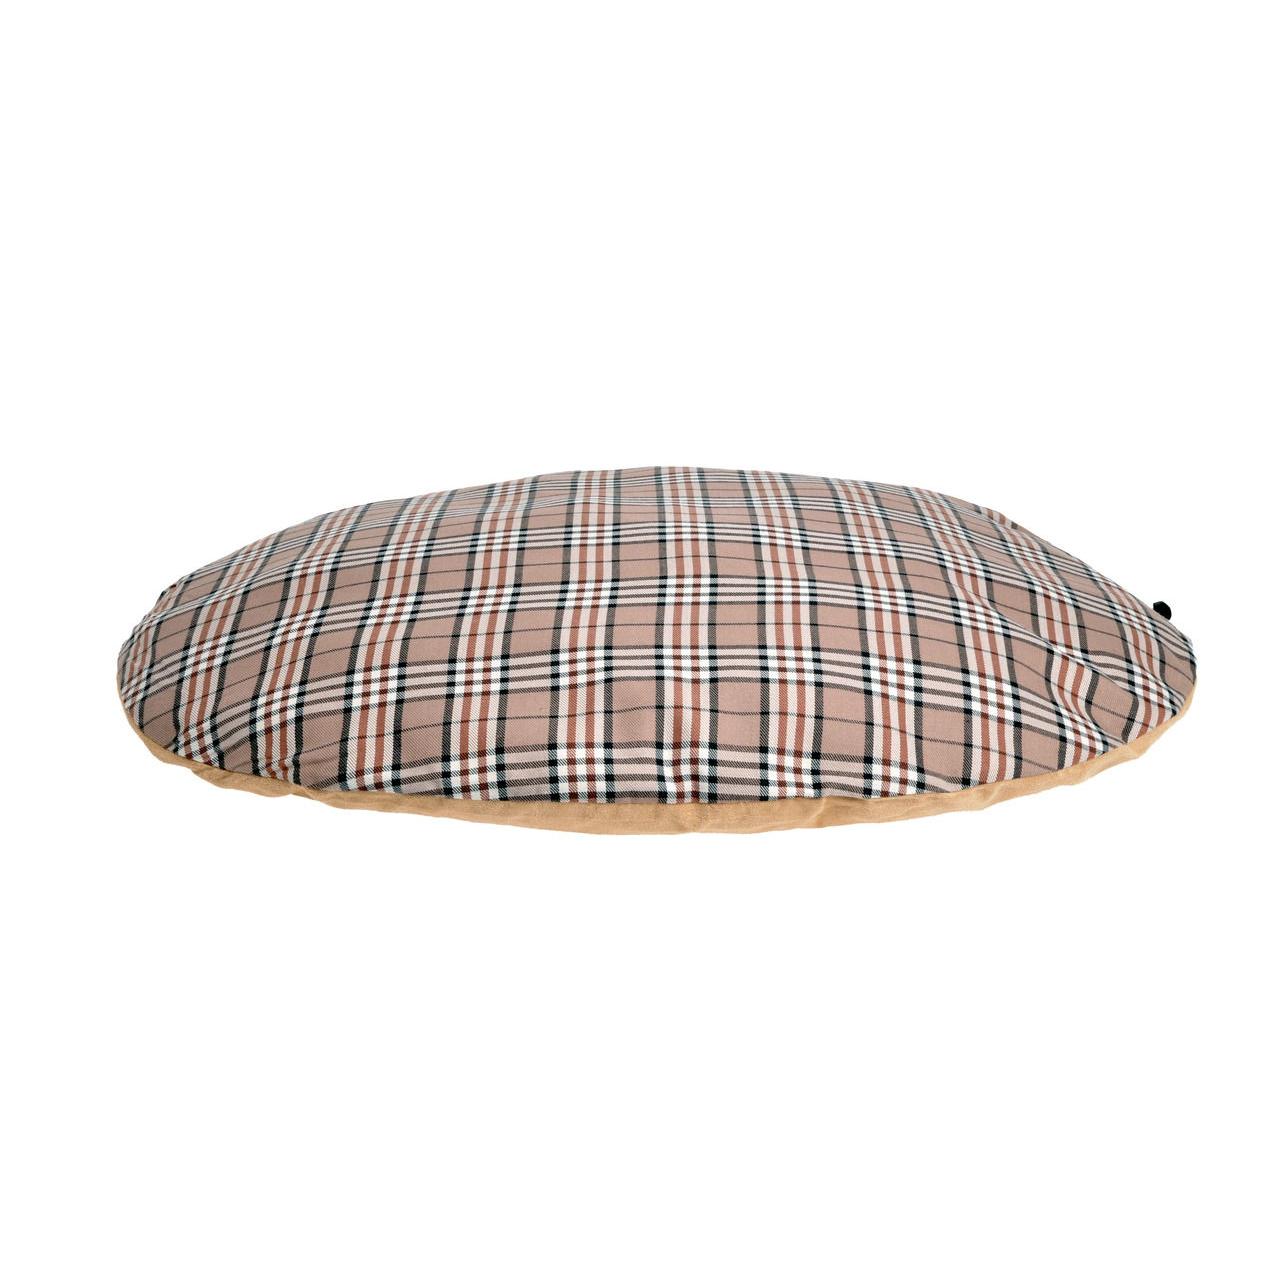 Karlie Hundekissen oval English Style, Bild 2